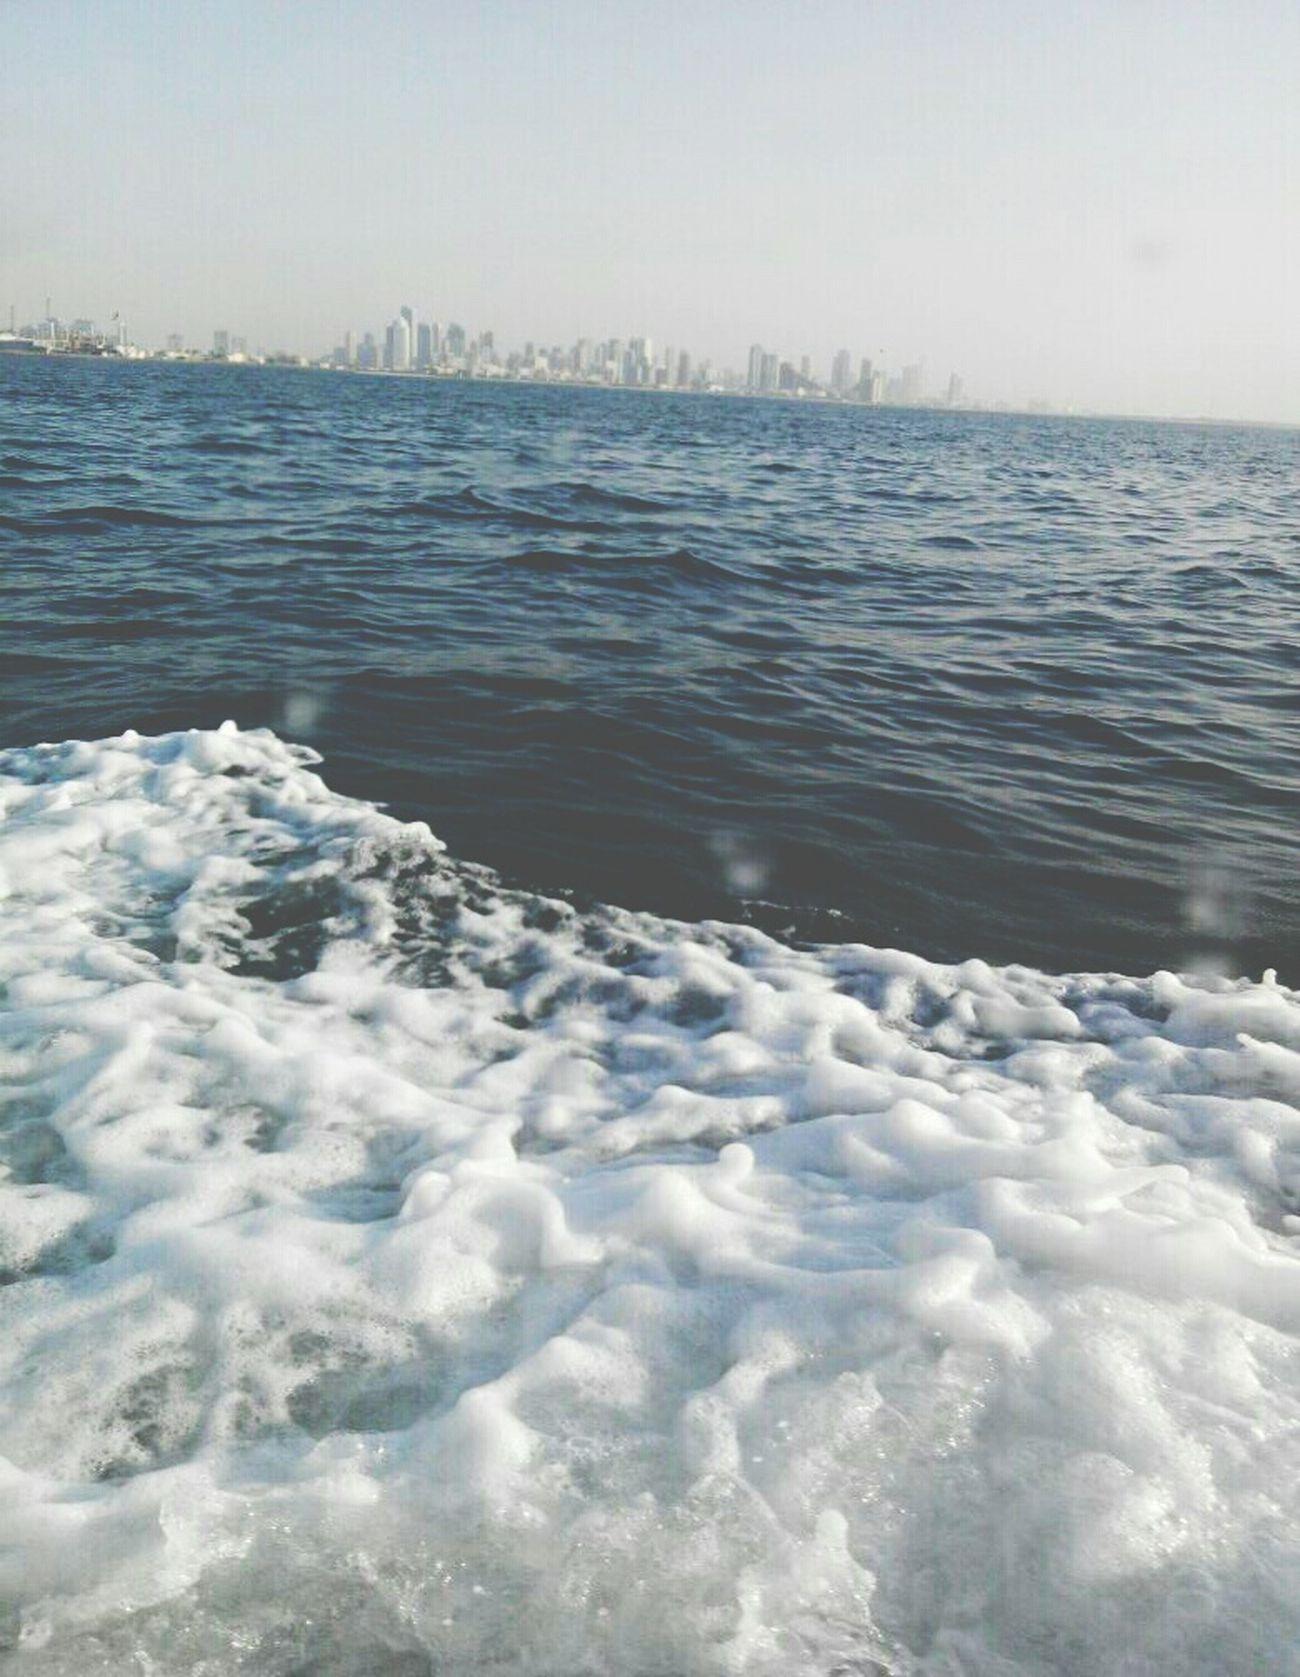 View of Dubai from the yacht...??⛅?? Unitedarabemirates UAE Lifeinuae DXB Dubai Seaview